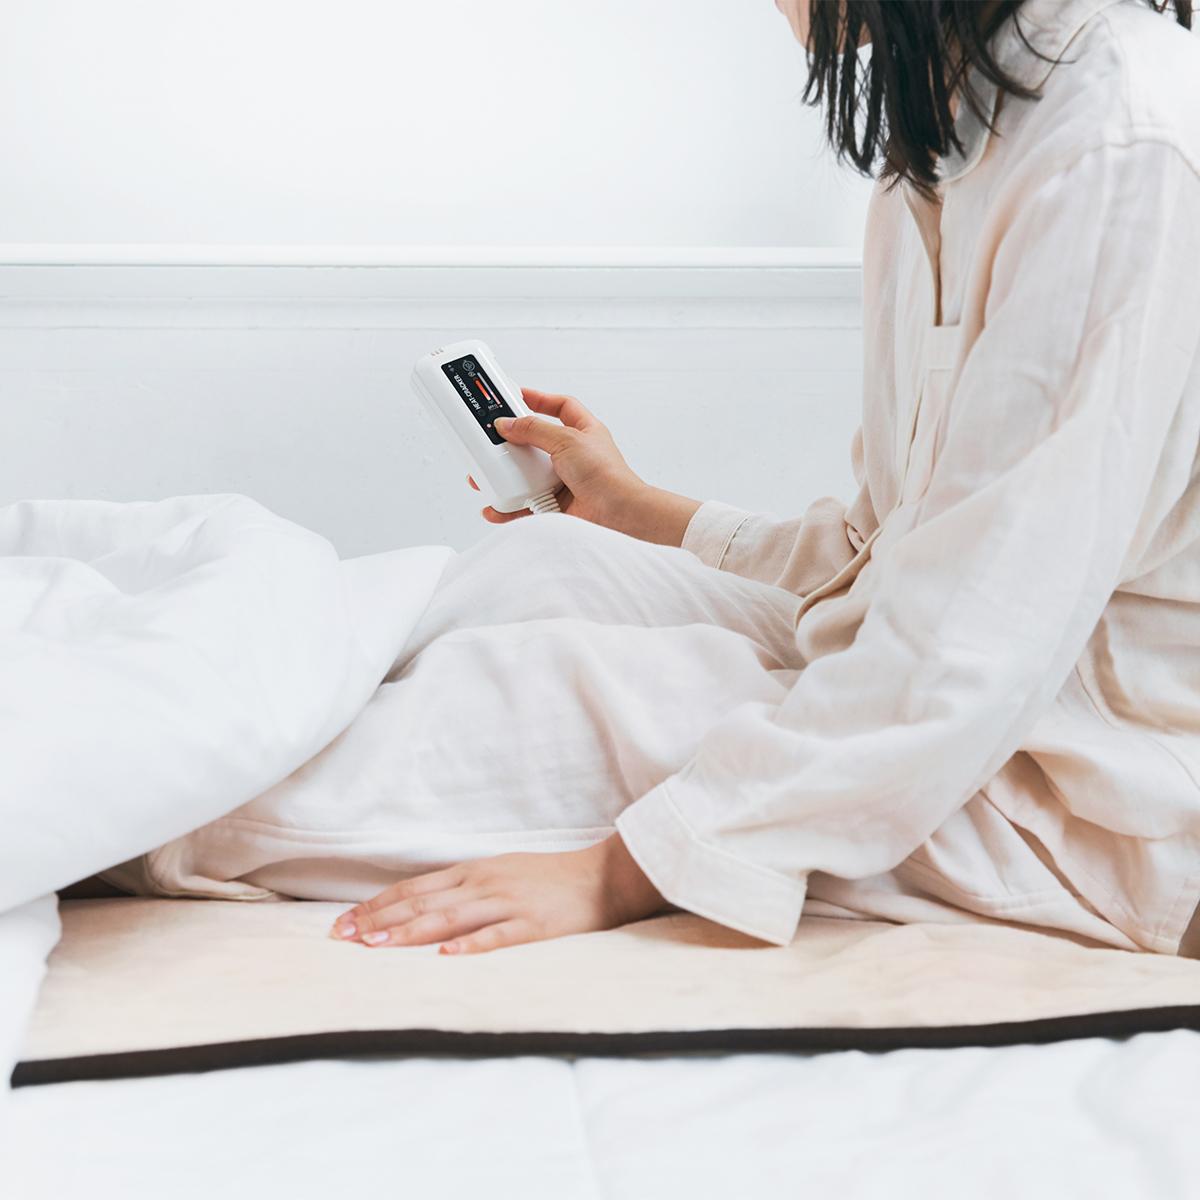 """寒い朝の""""幸せな寝起き""""について考えた電気毛布   あなたの睡眠サイクルに合わせて電源が自動オンオフ"""